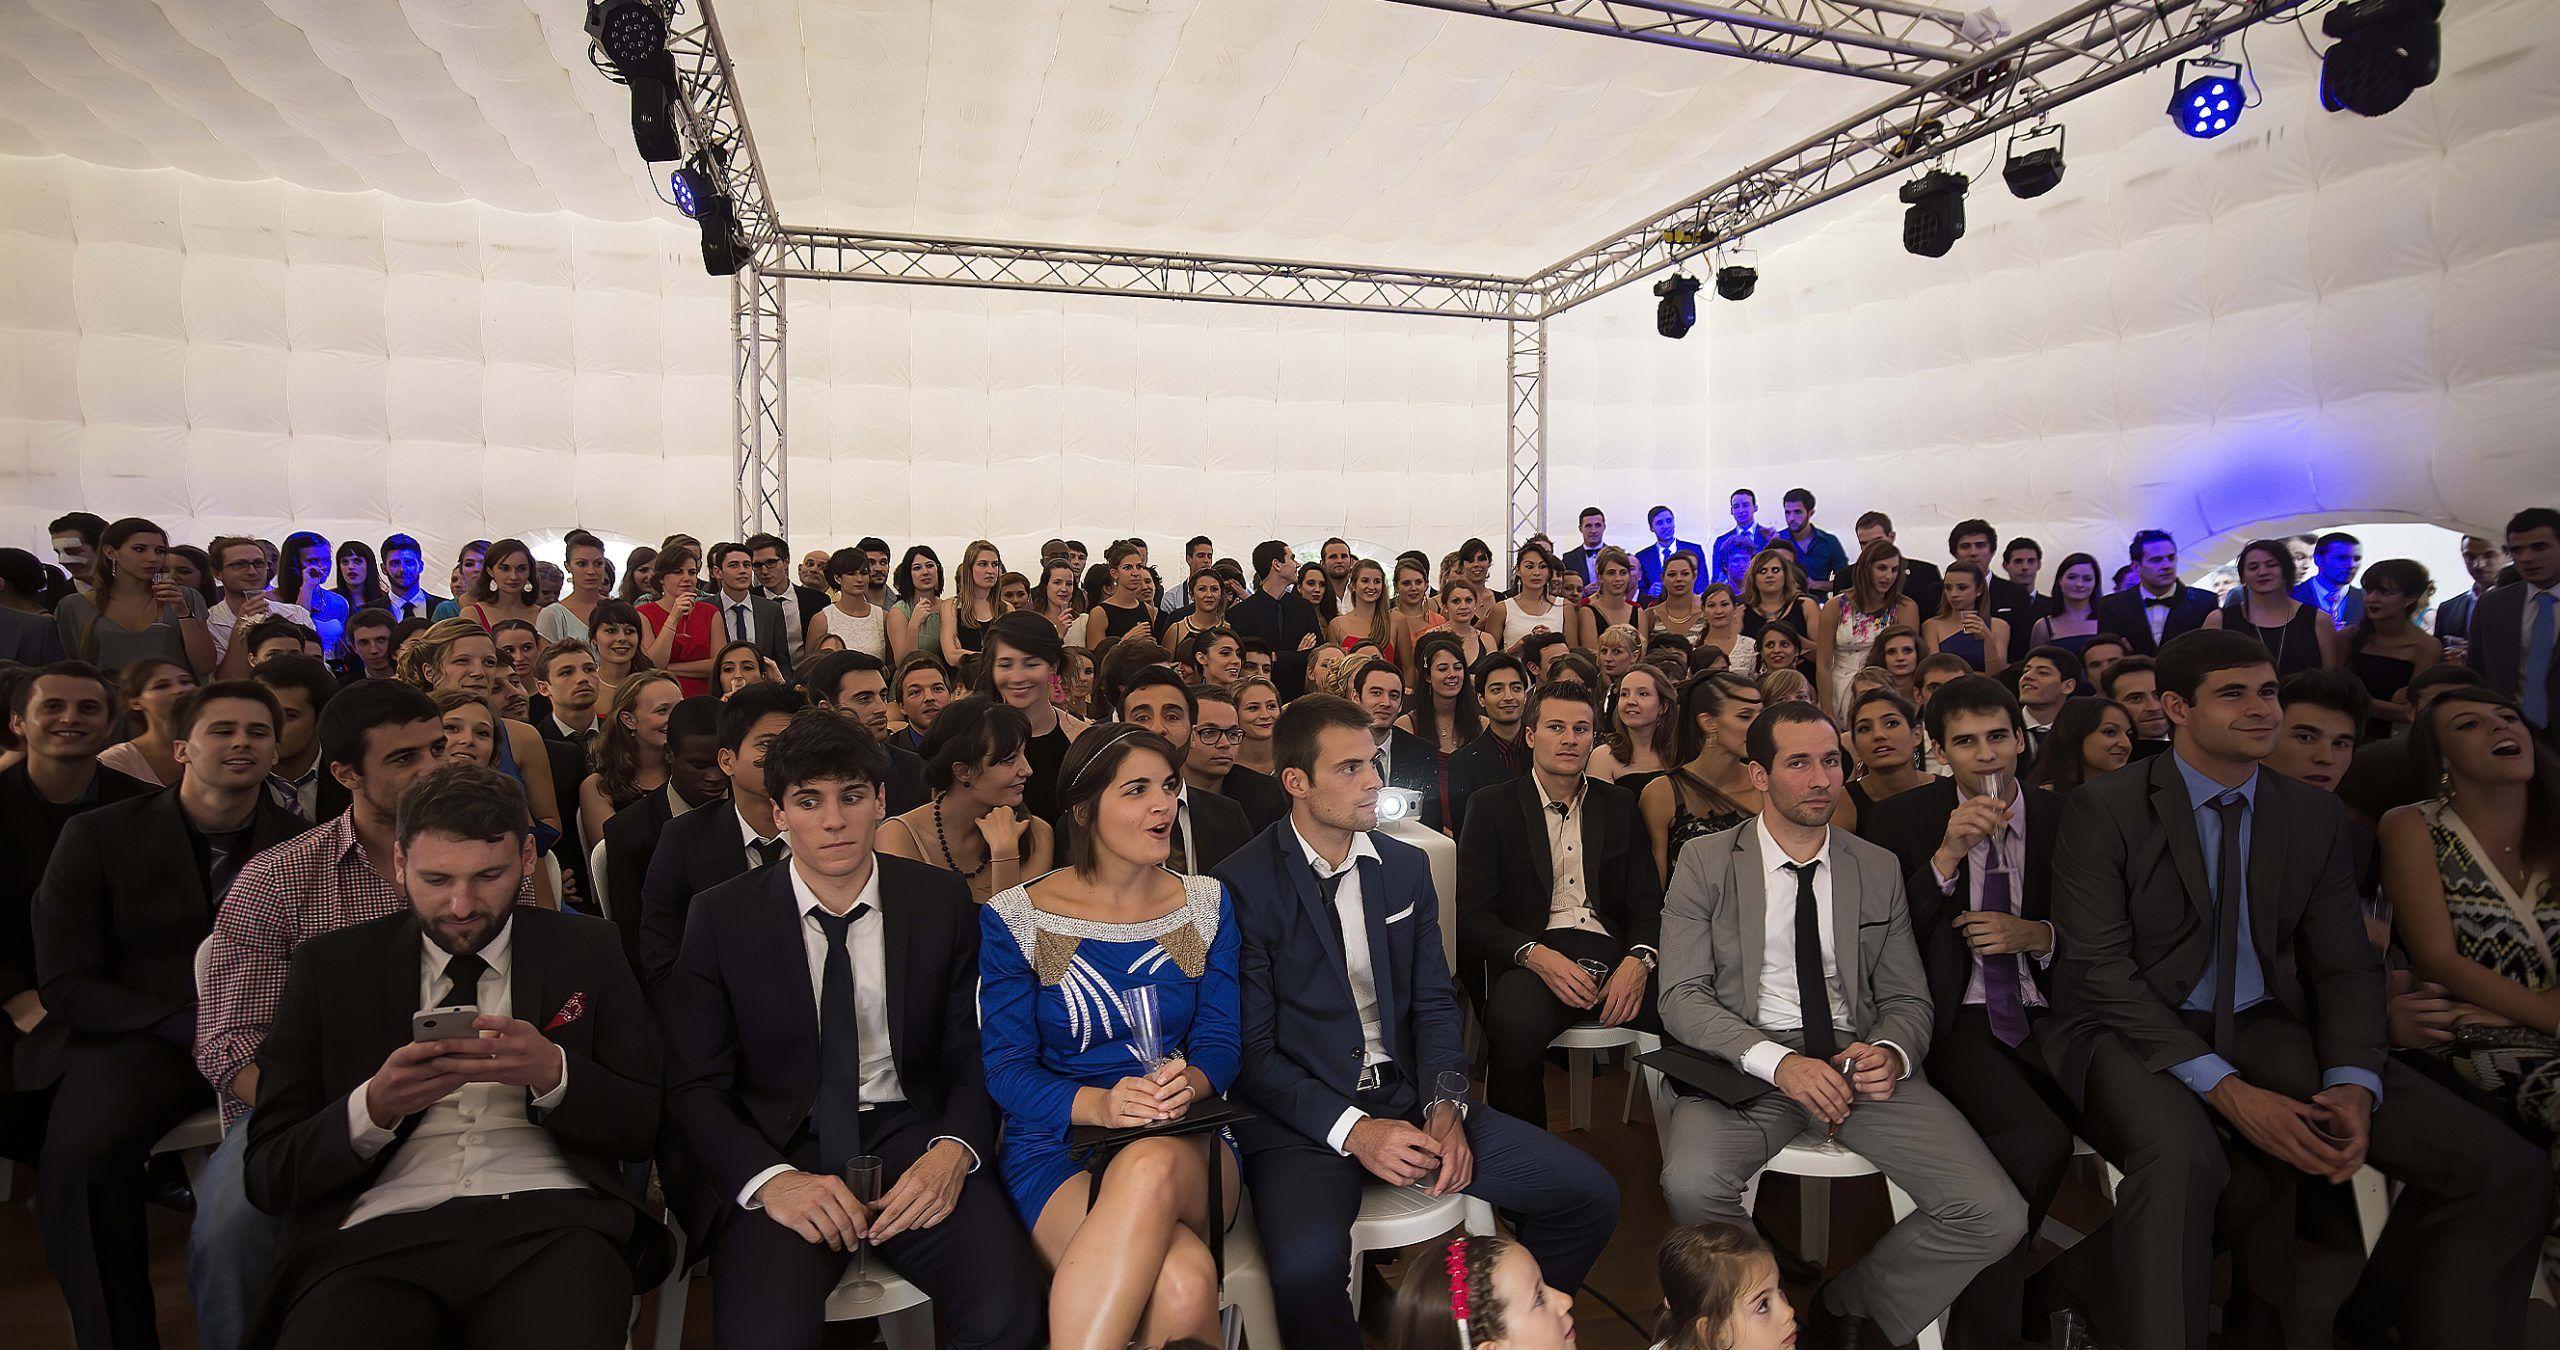 Agence Événementielle Toulouse Soiree de gala étudiant Onlyevent 3 1 scaled